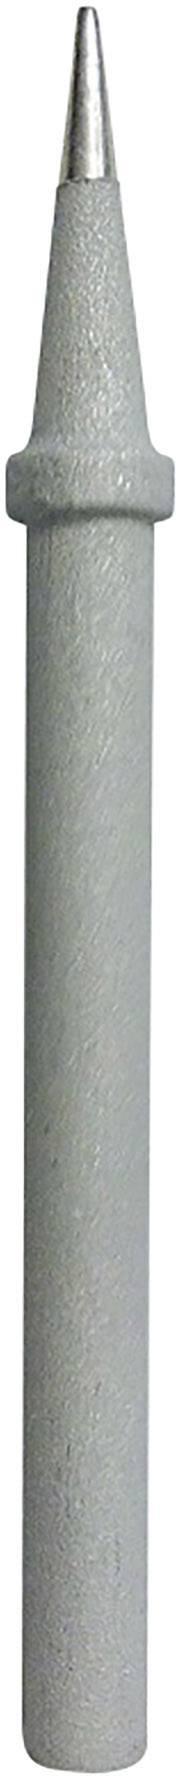 Spájkovací hrot ceruzková forma Basetech C2-1, délka hrotu 78 mm, 1 ks